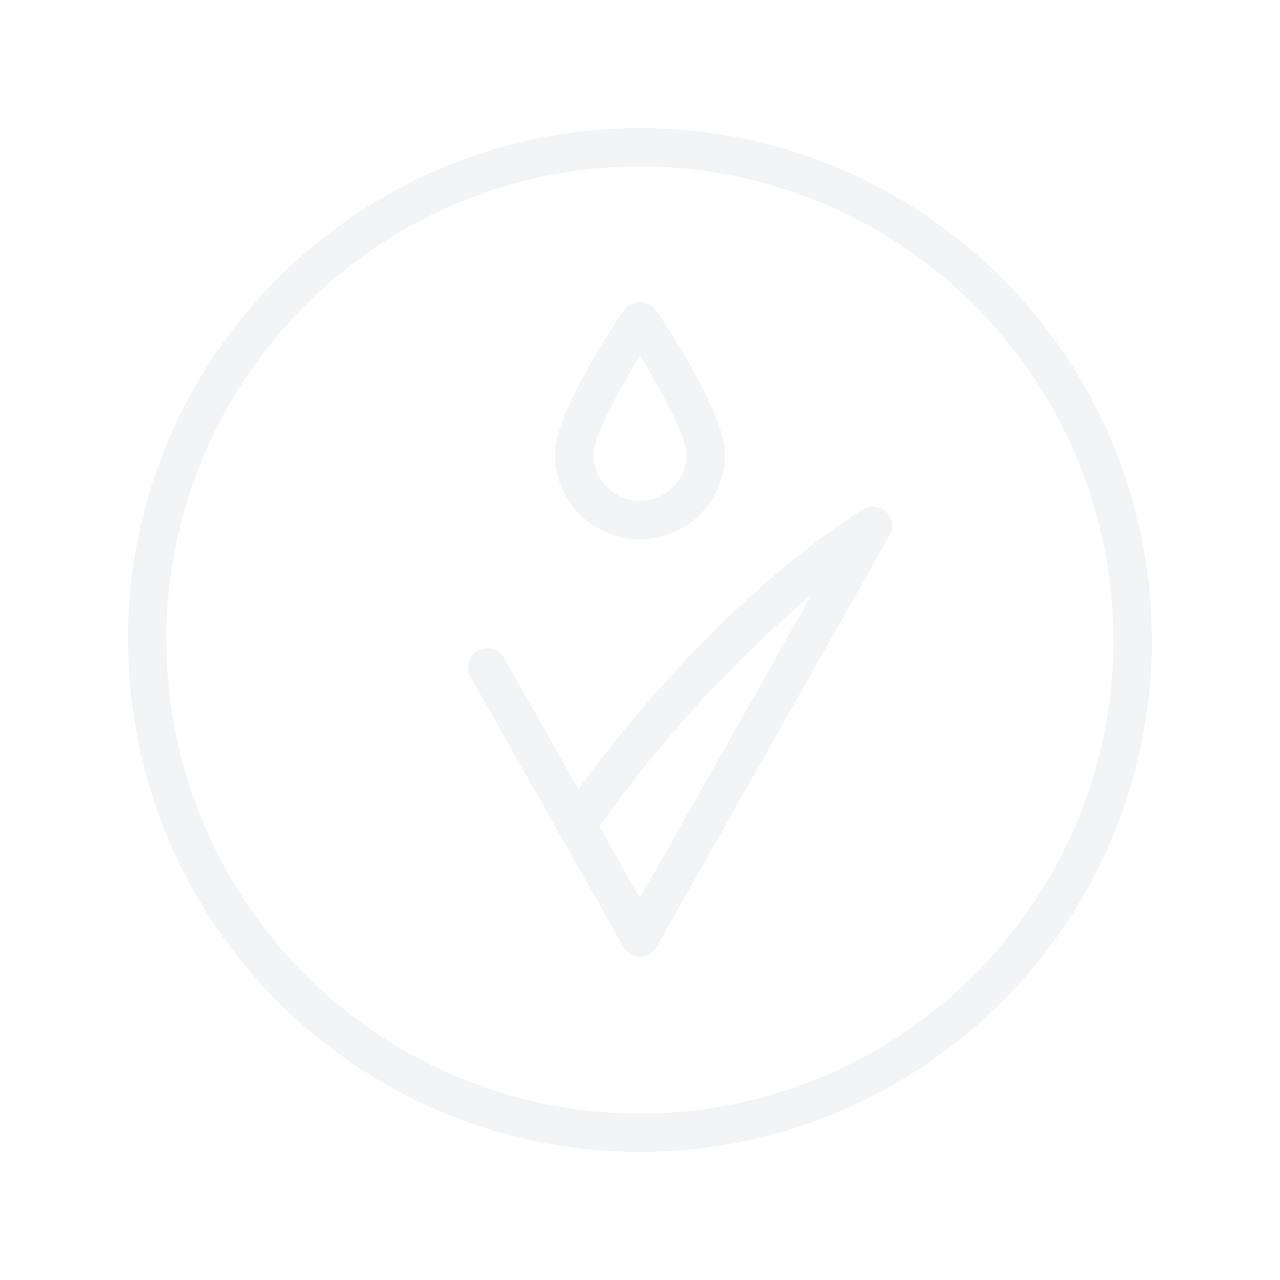 WELLA PROFESSIONALS Invigo Clean Anti Dandruff Shampoo 250ml